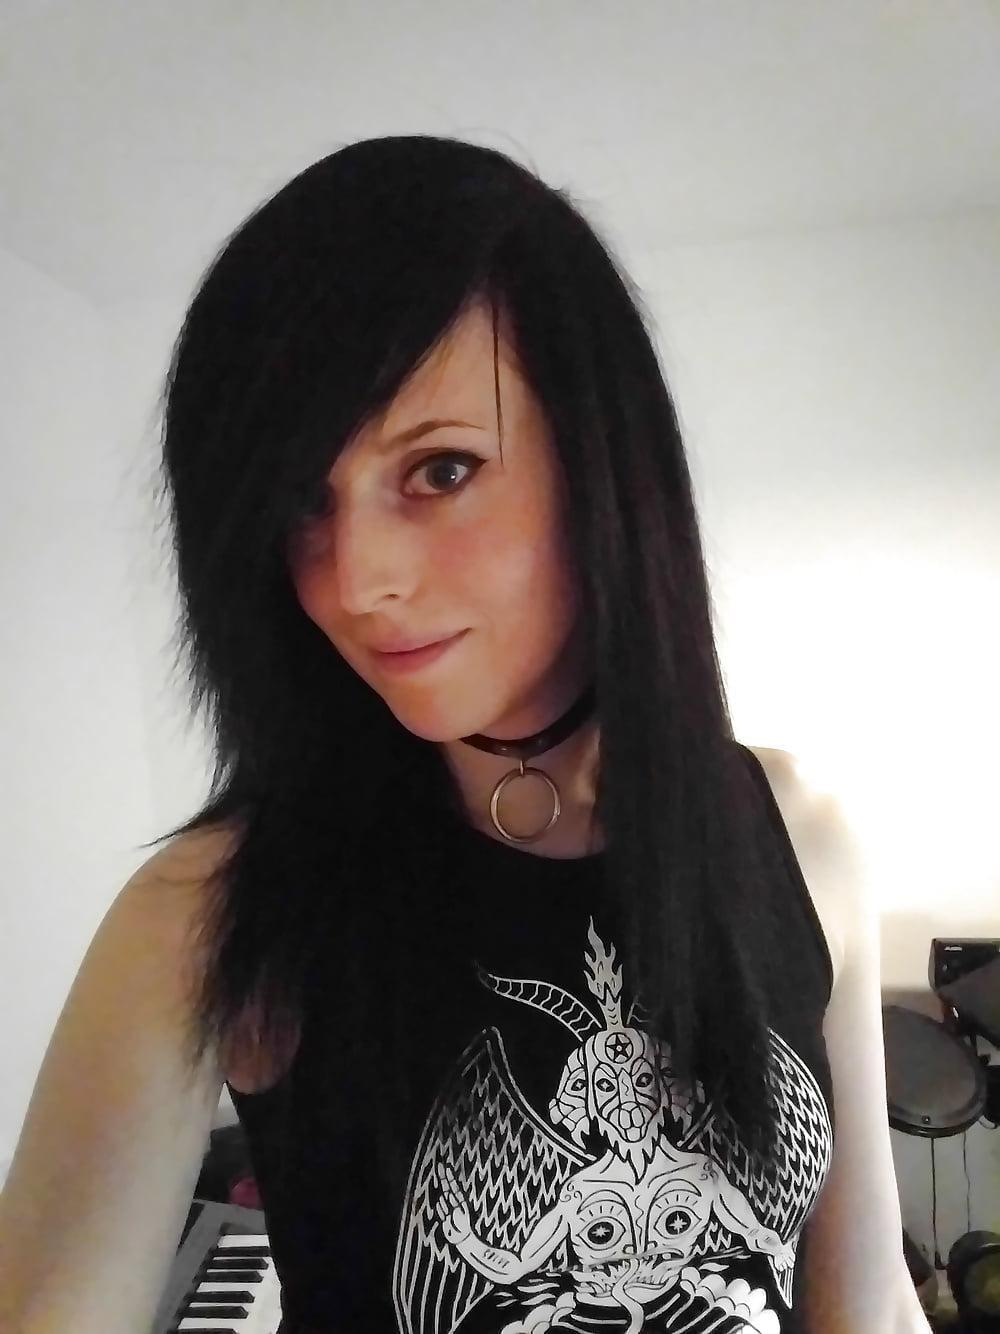 gothicgirl aus Nordrhein-Westfalen,Deutschland